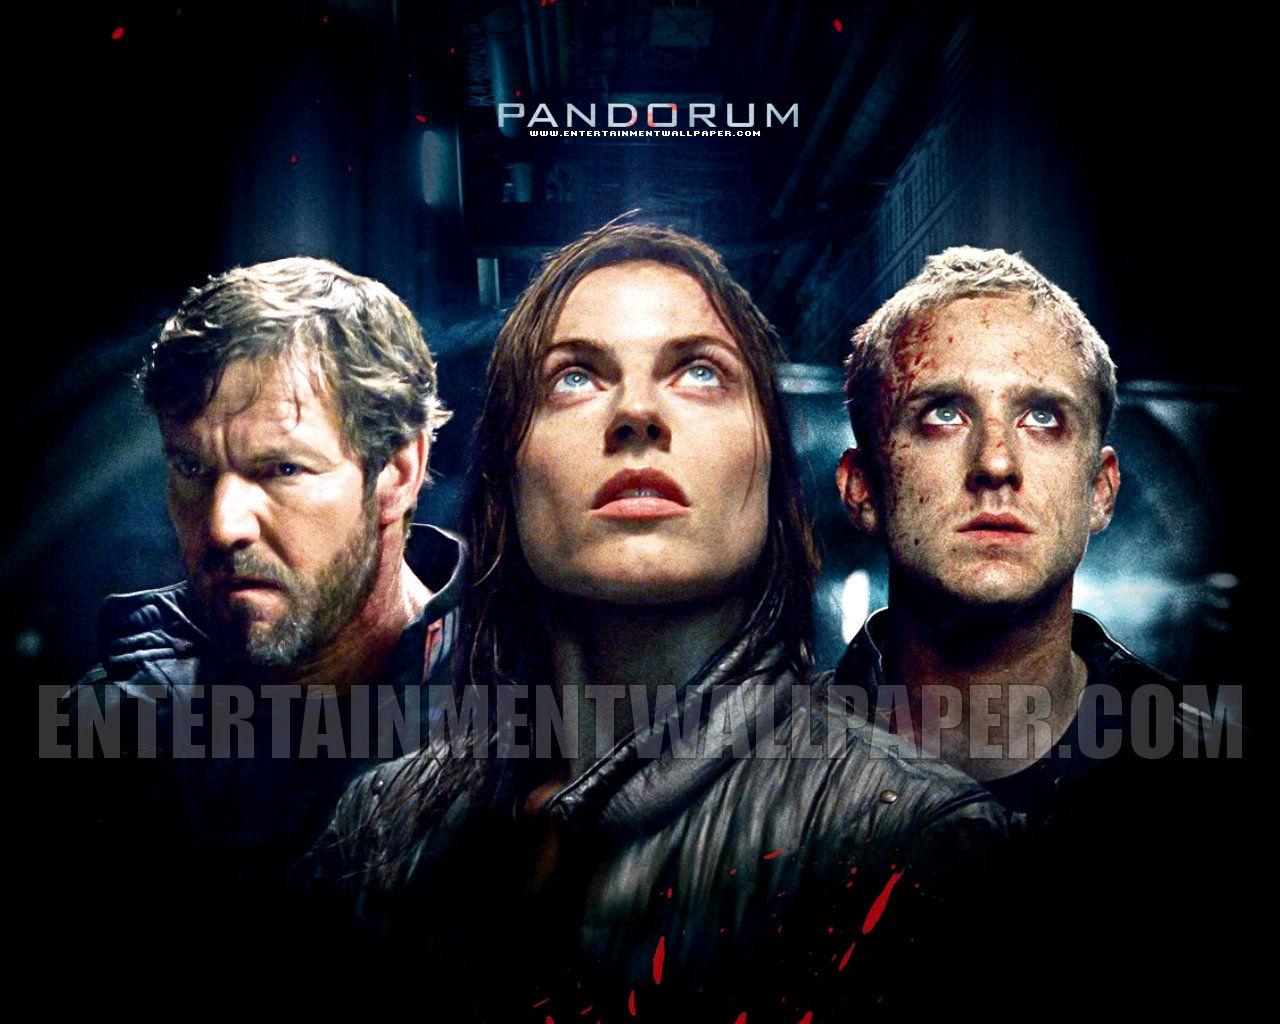 Смотреть онлайн пандорум (2009) в хорошем качестве